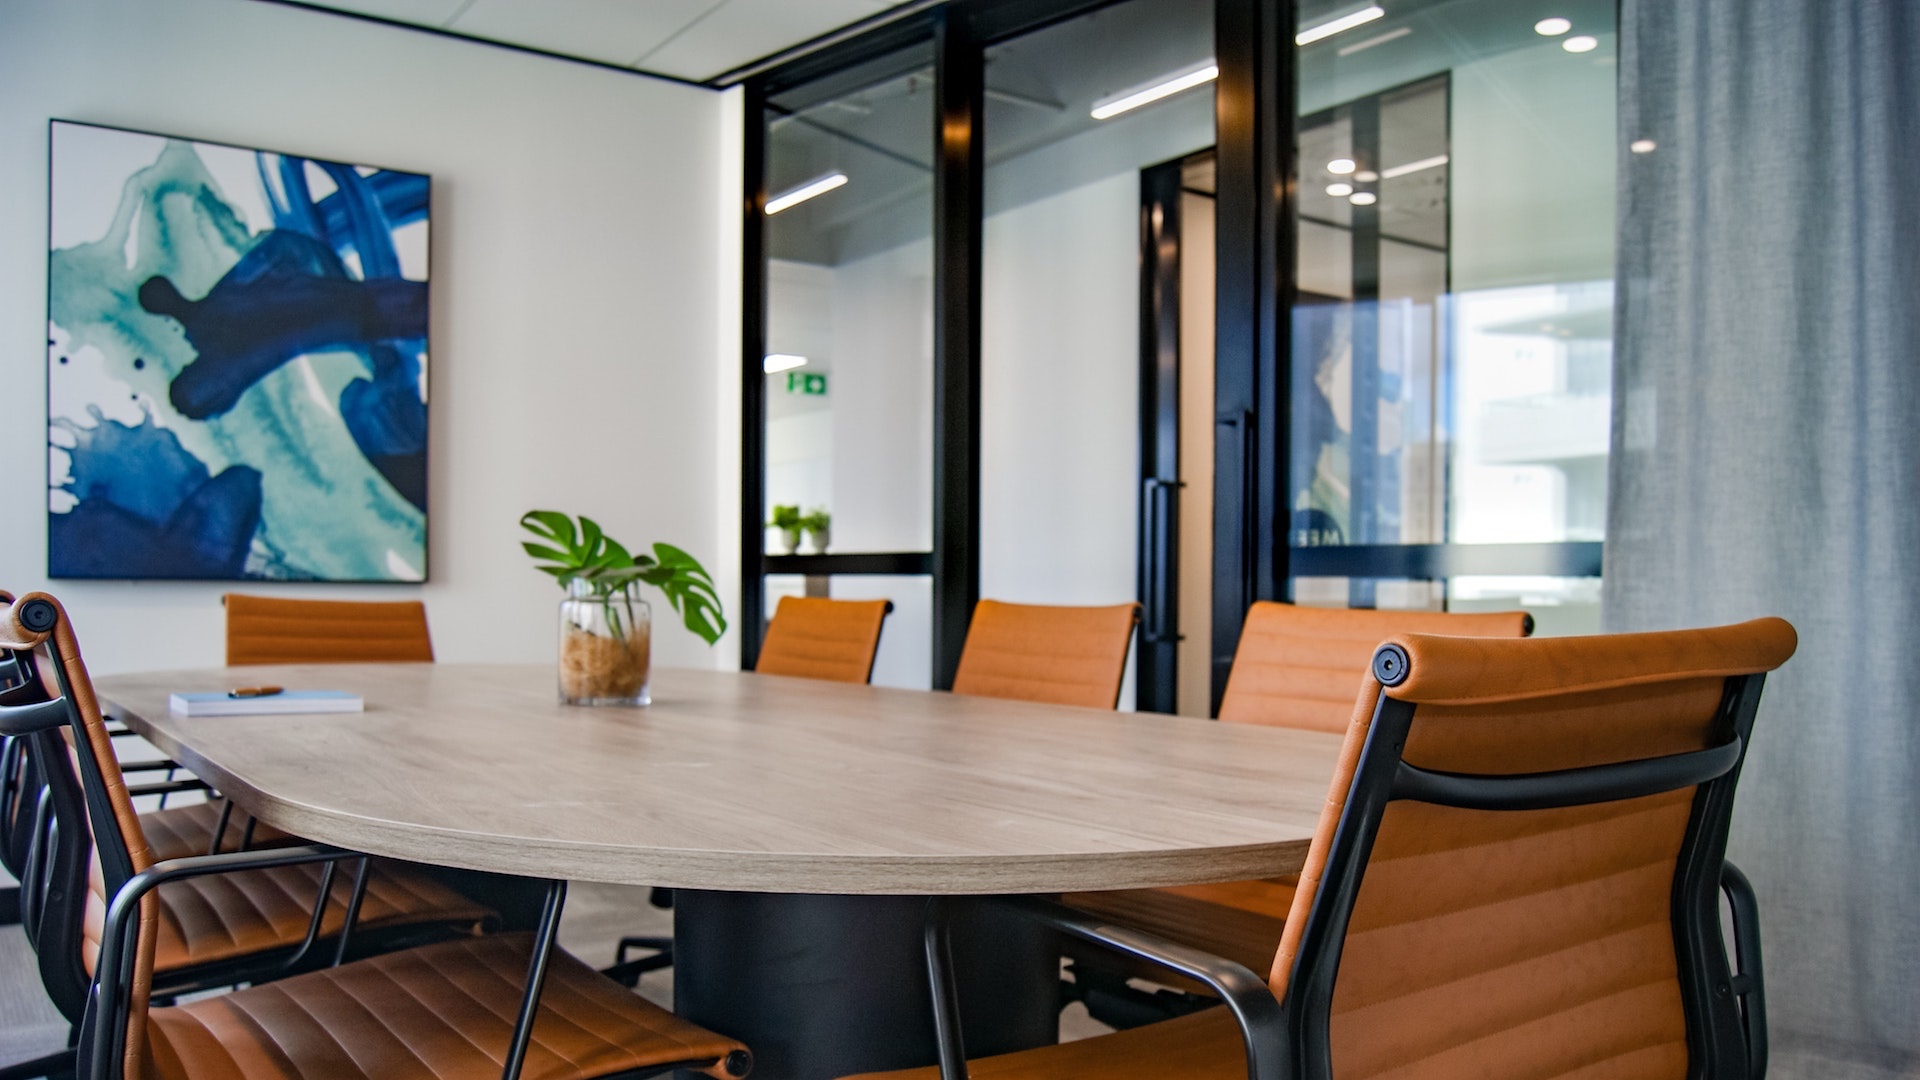 オレンジの椅子のある会議室